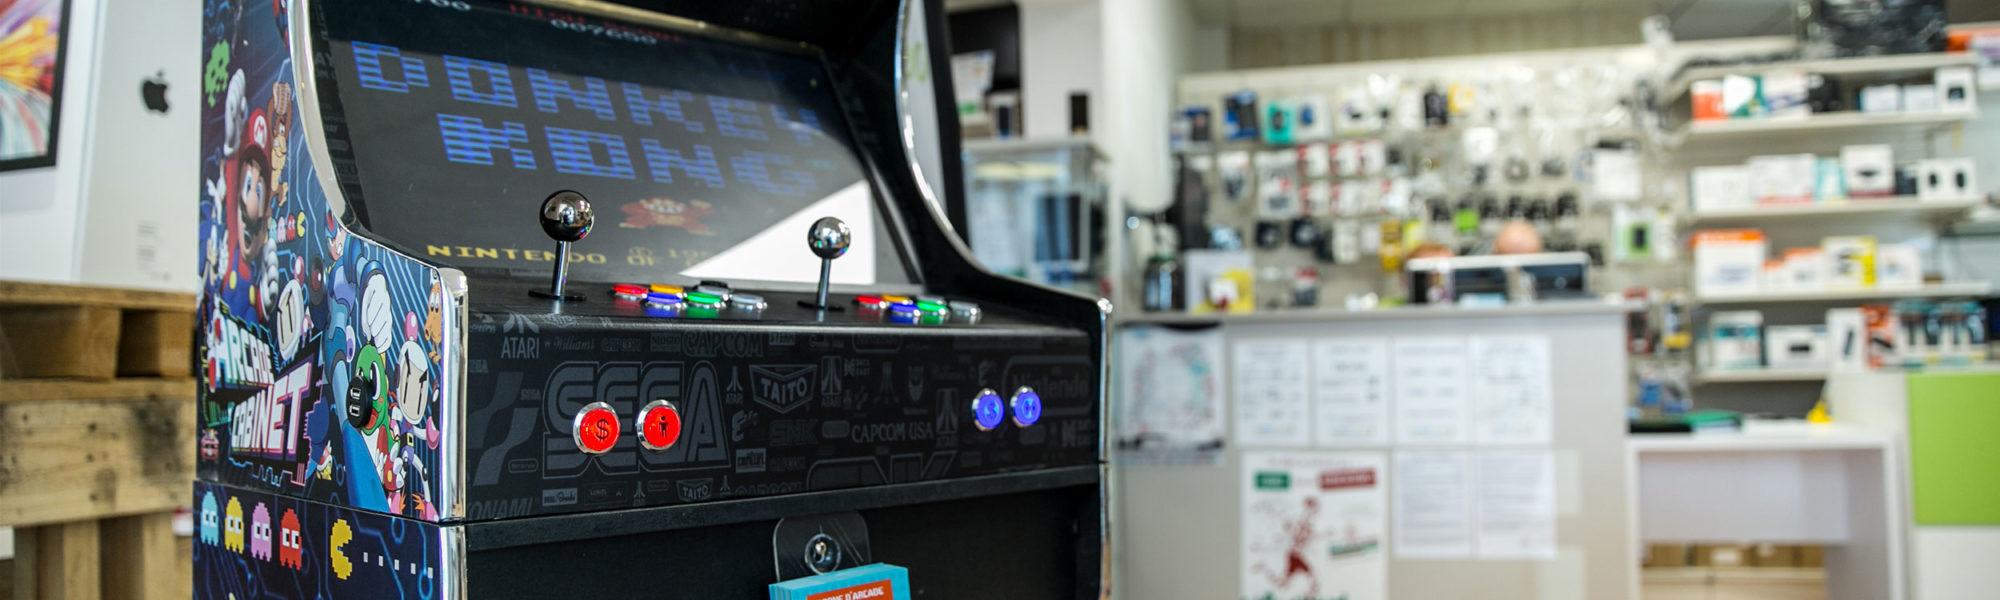 Borne d'arcade : vente et location au nord d'Angers